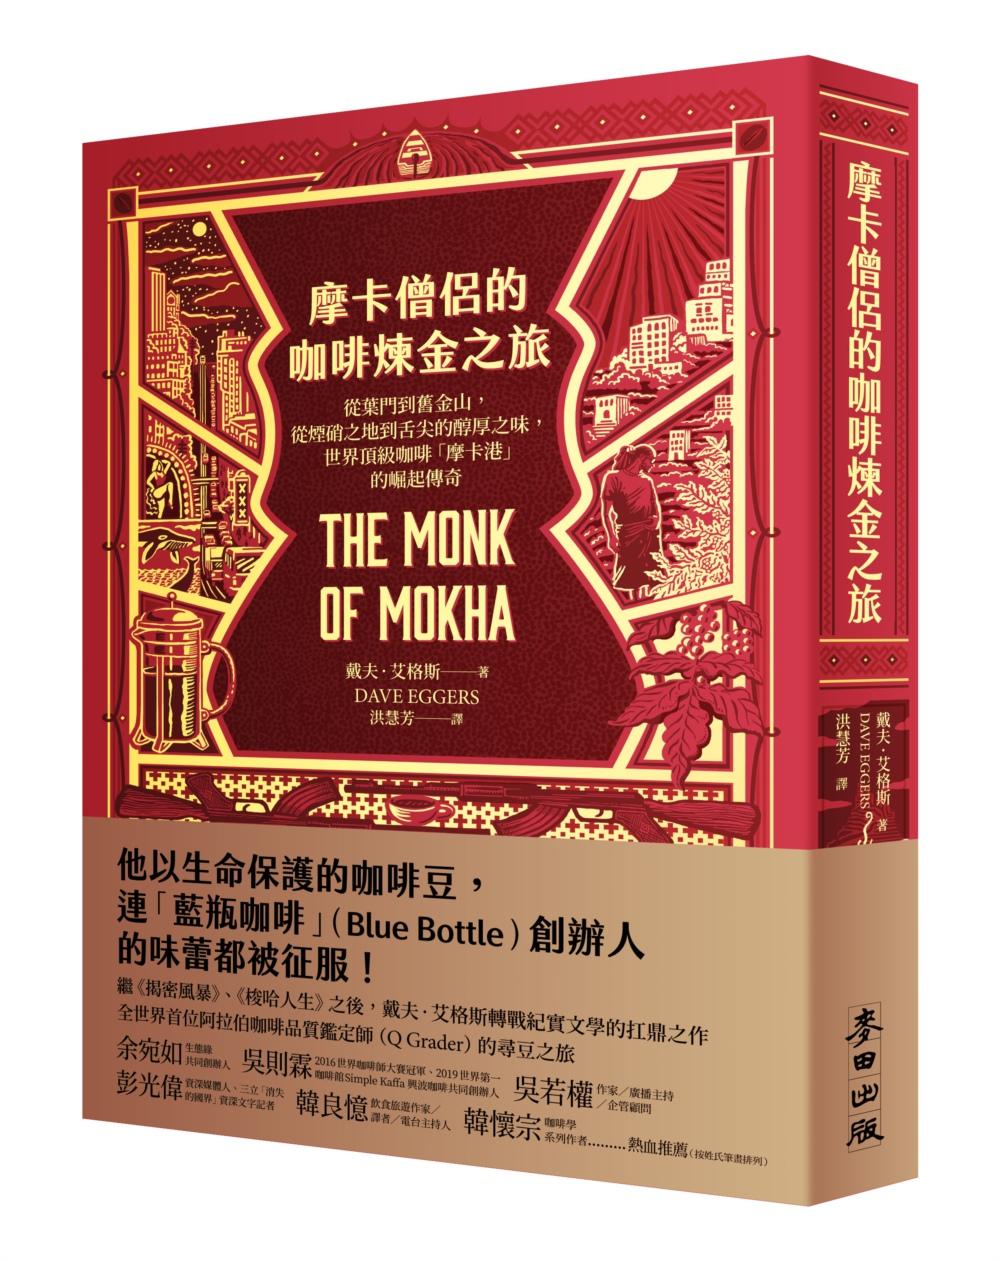 摩卡僧侶的咖啡煉金之旅:從葉門...